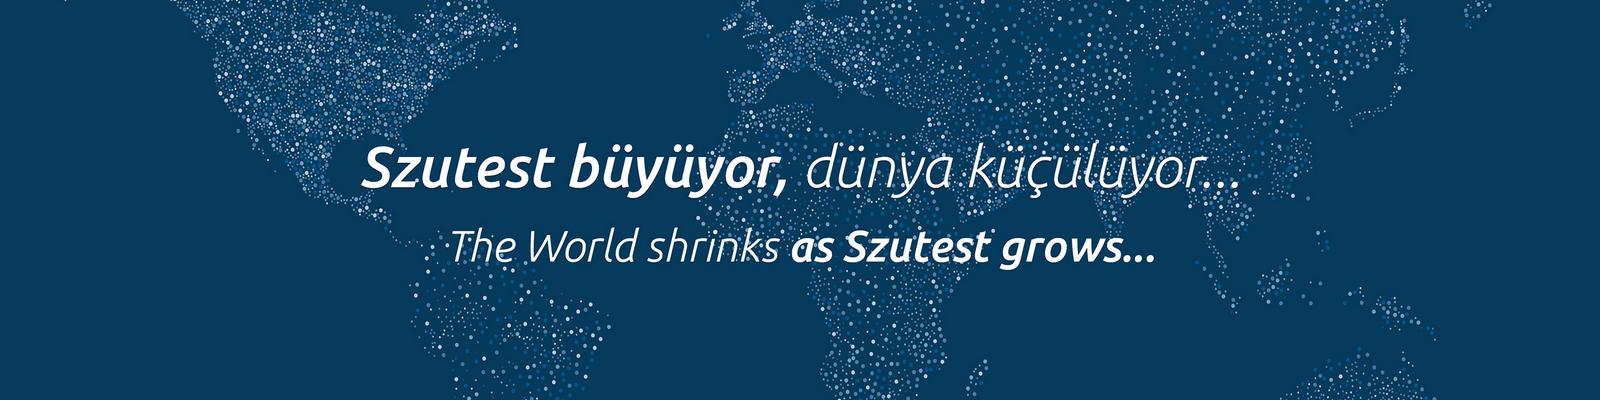 About Us | SZUTEST